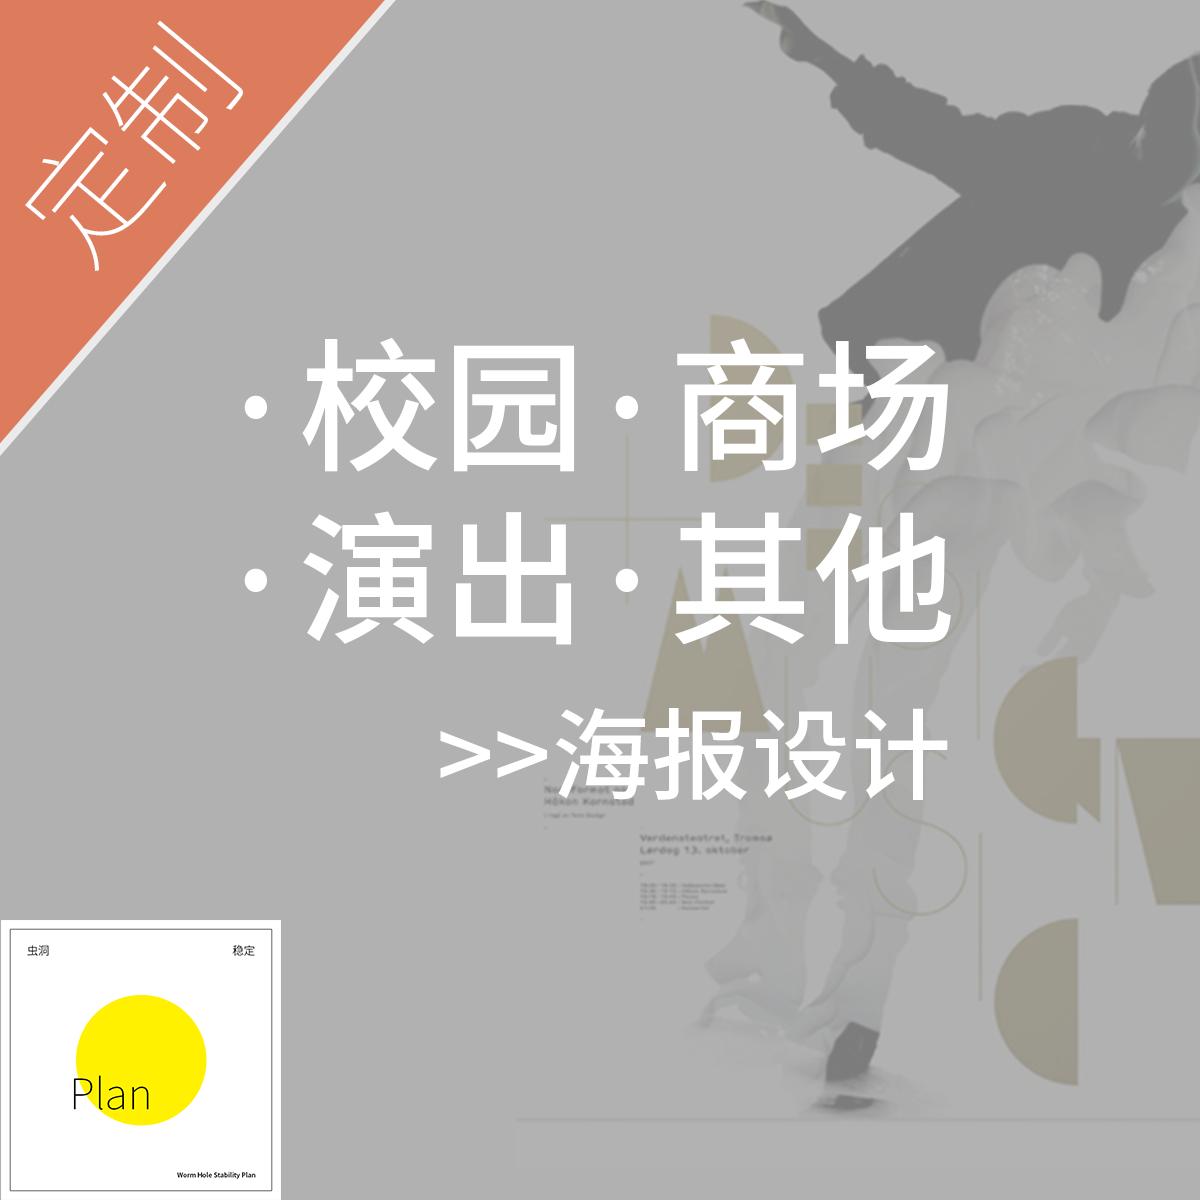 棋牌社团宣传海报 小公主Φ7265З7353